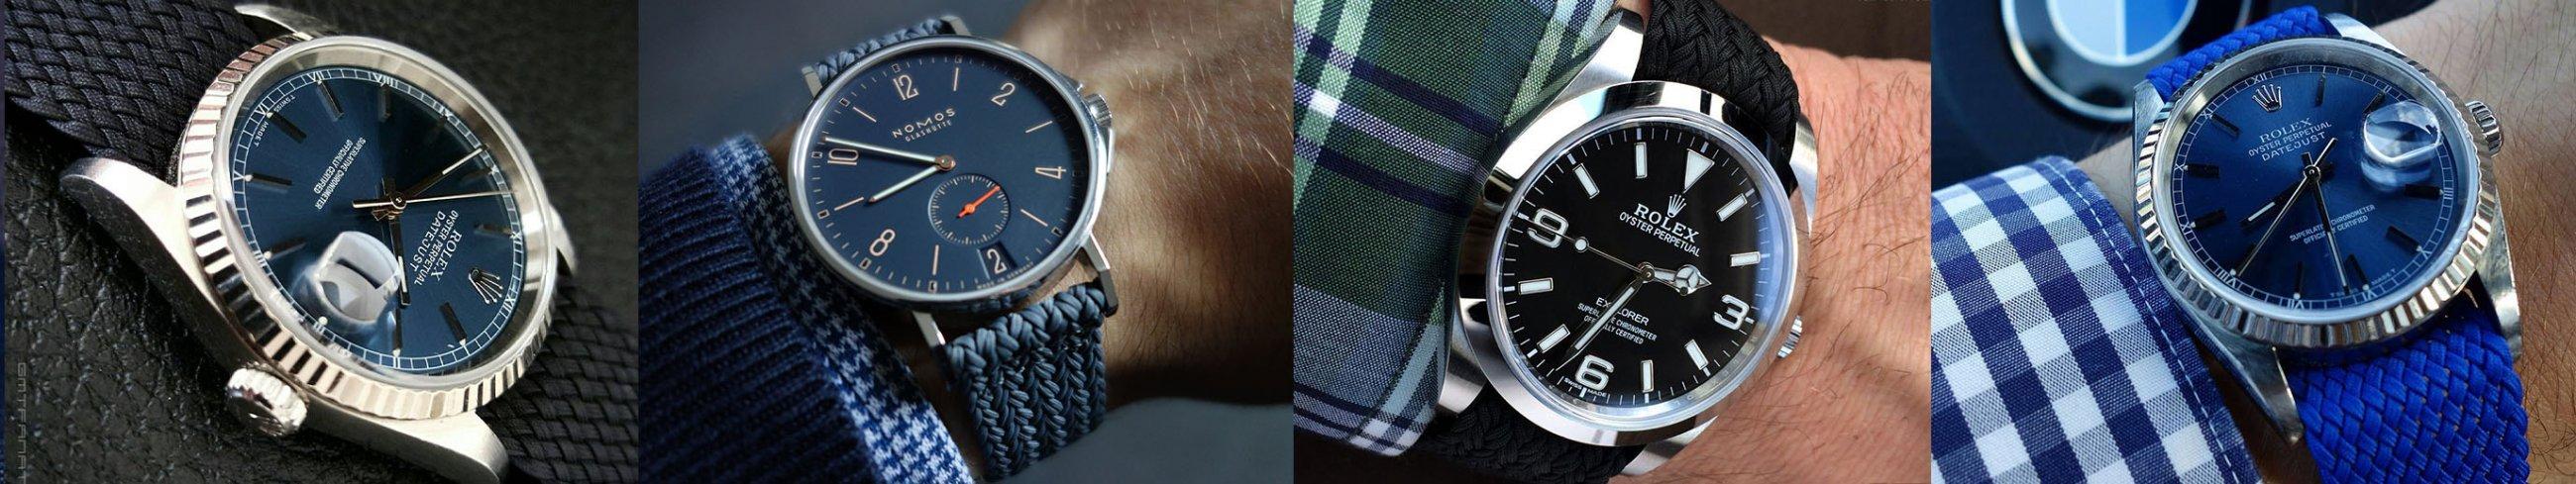 perlon_watch_straps_watchbandit.jpg